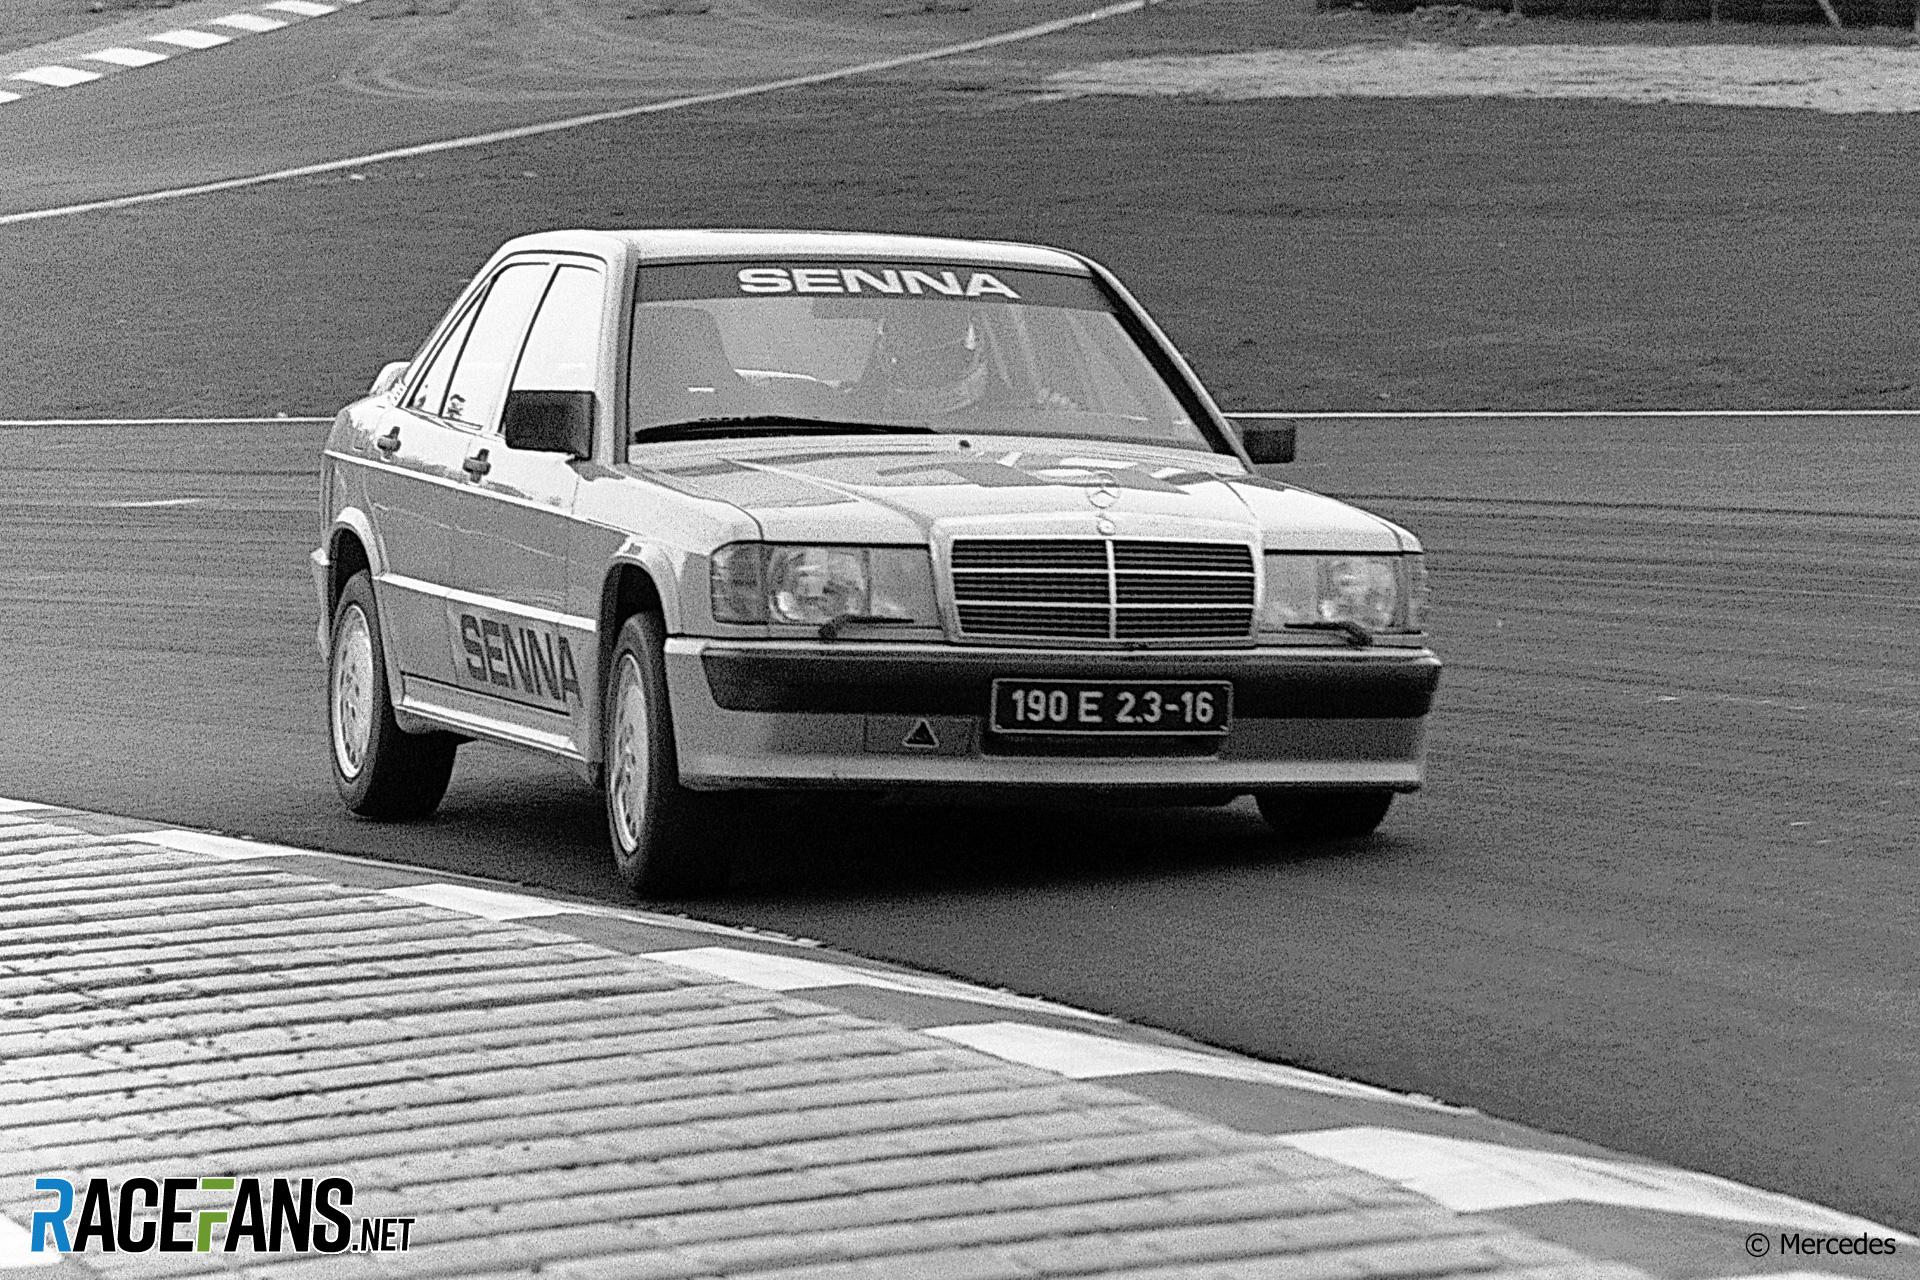 Ayrton Senna, Nurburgirng, Mercedes 190 E, 1984